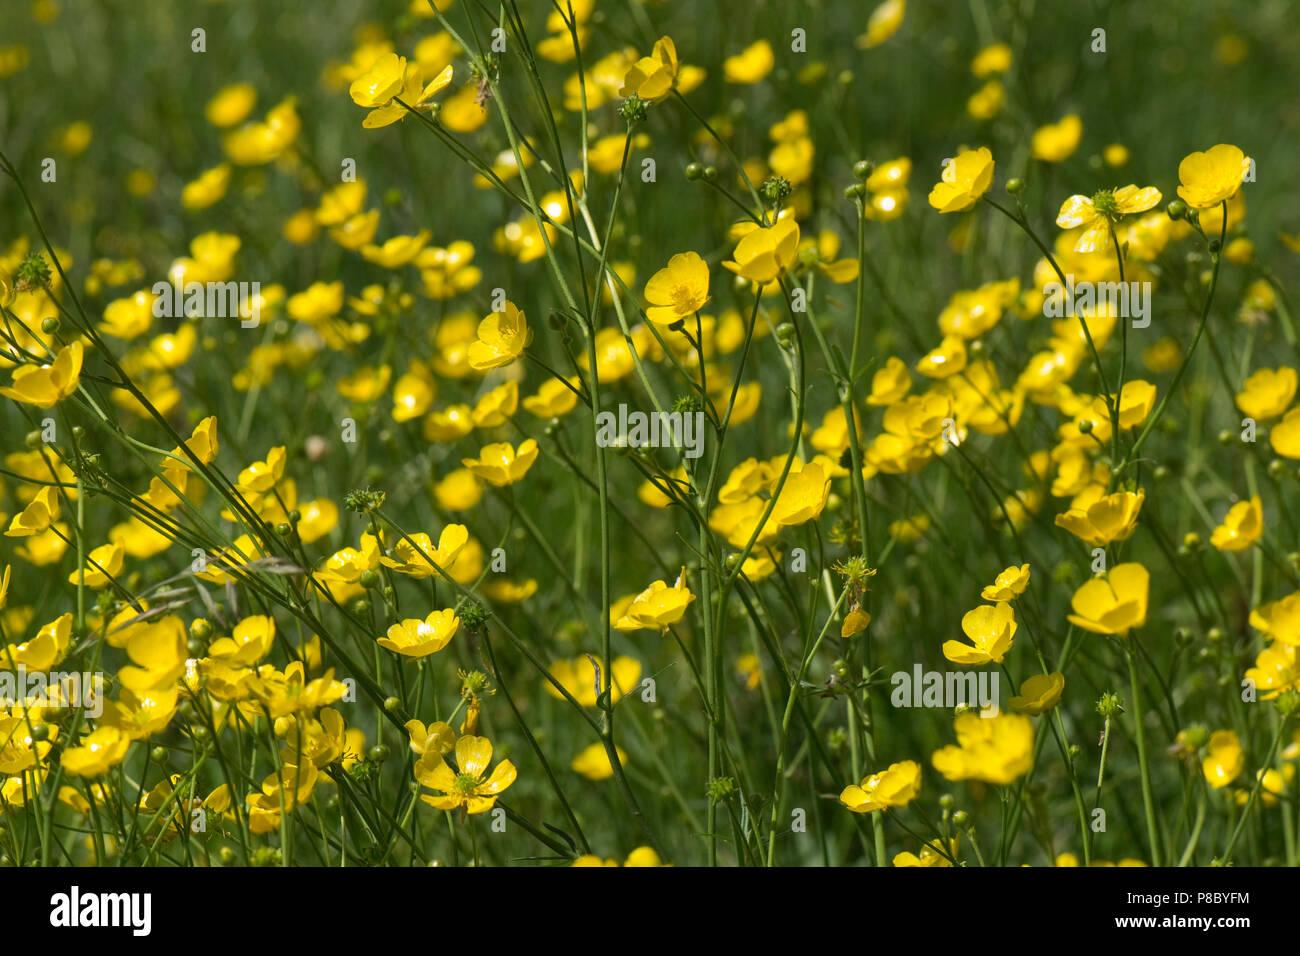 Fiori Di Campo Gialli.Di Colore Giallo Brillante E Fiori Di Campo Renoncules Ranunculus